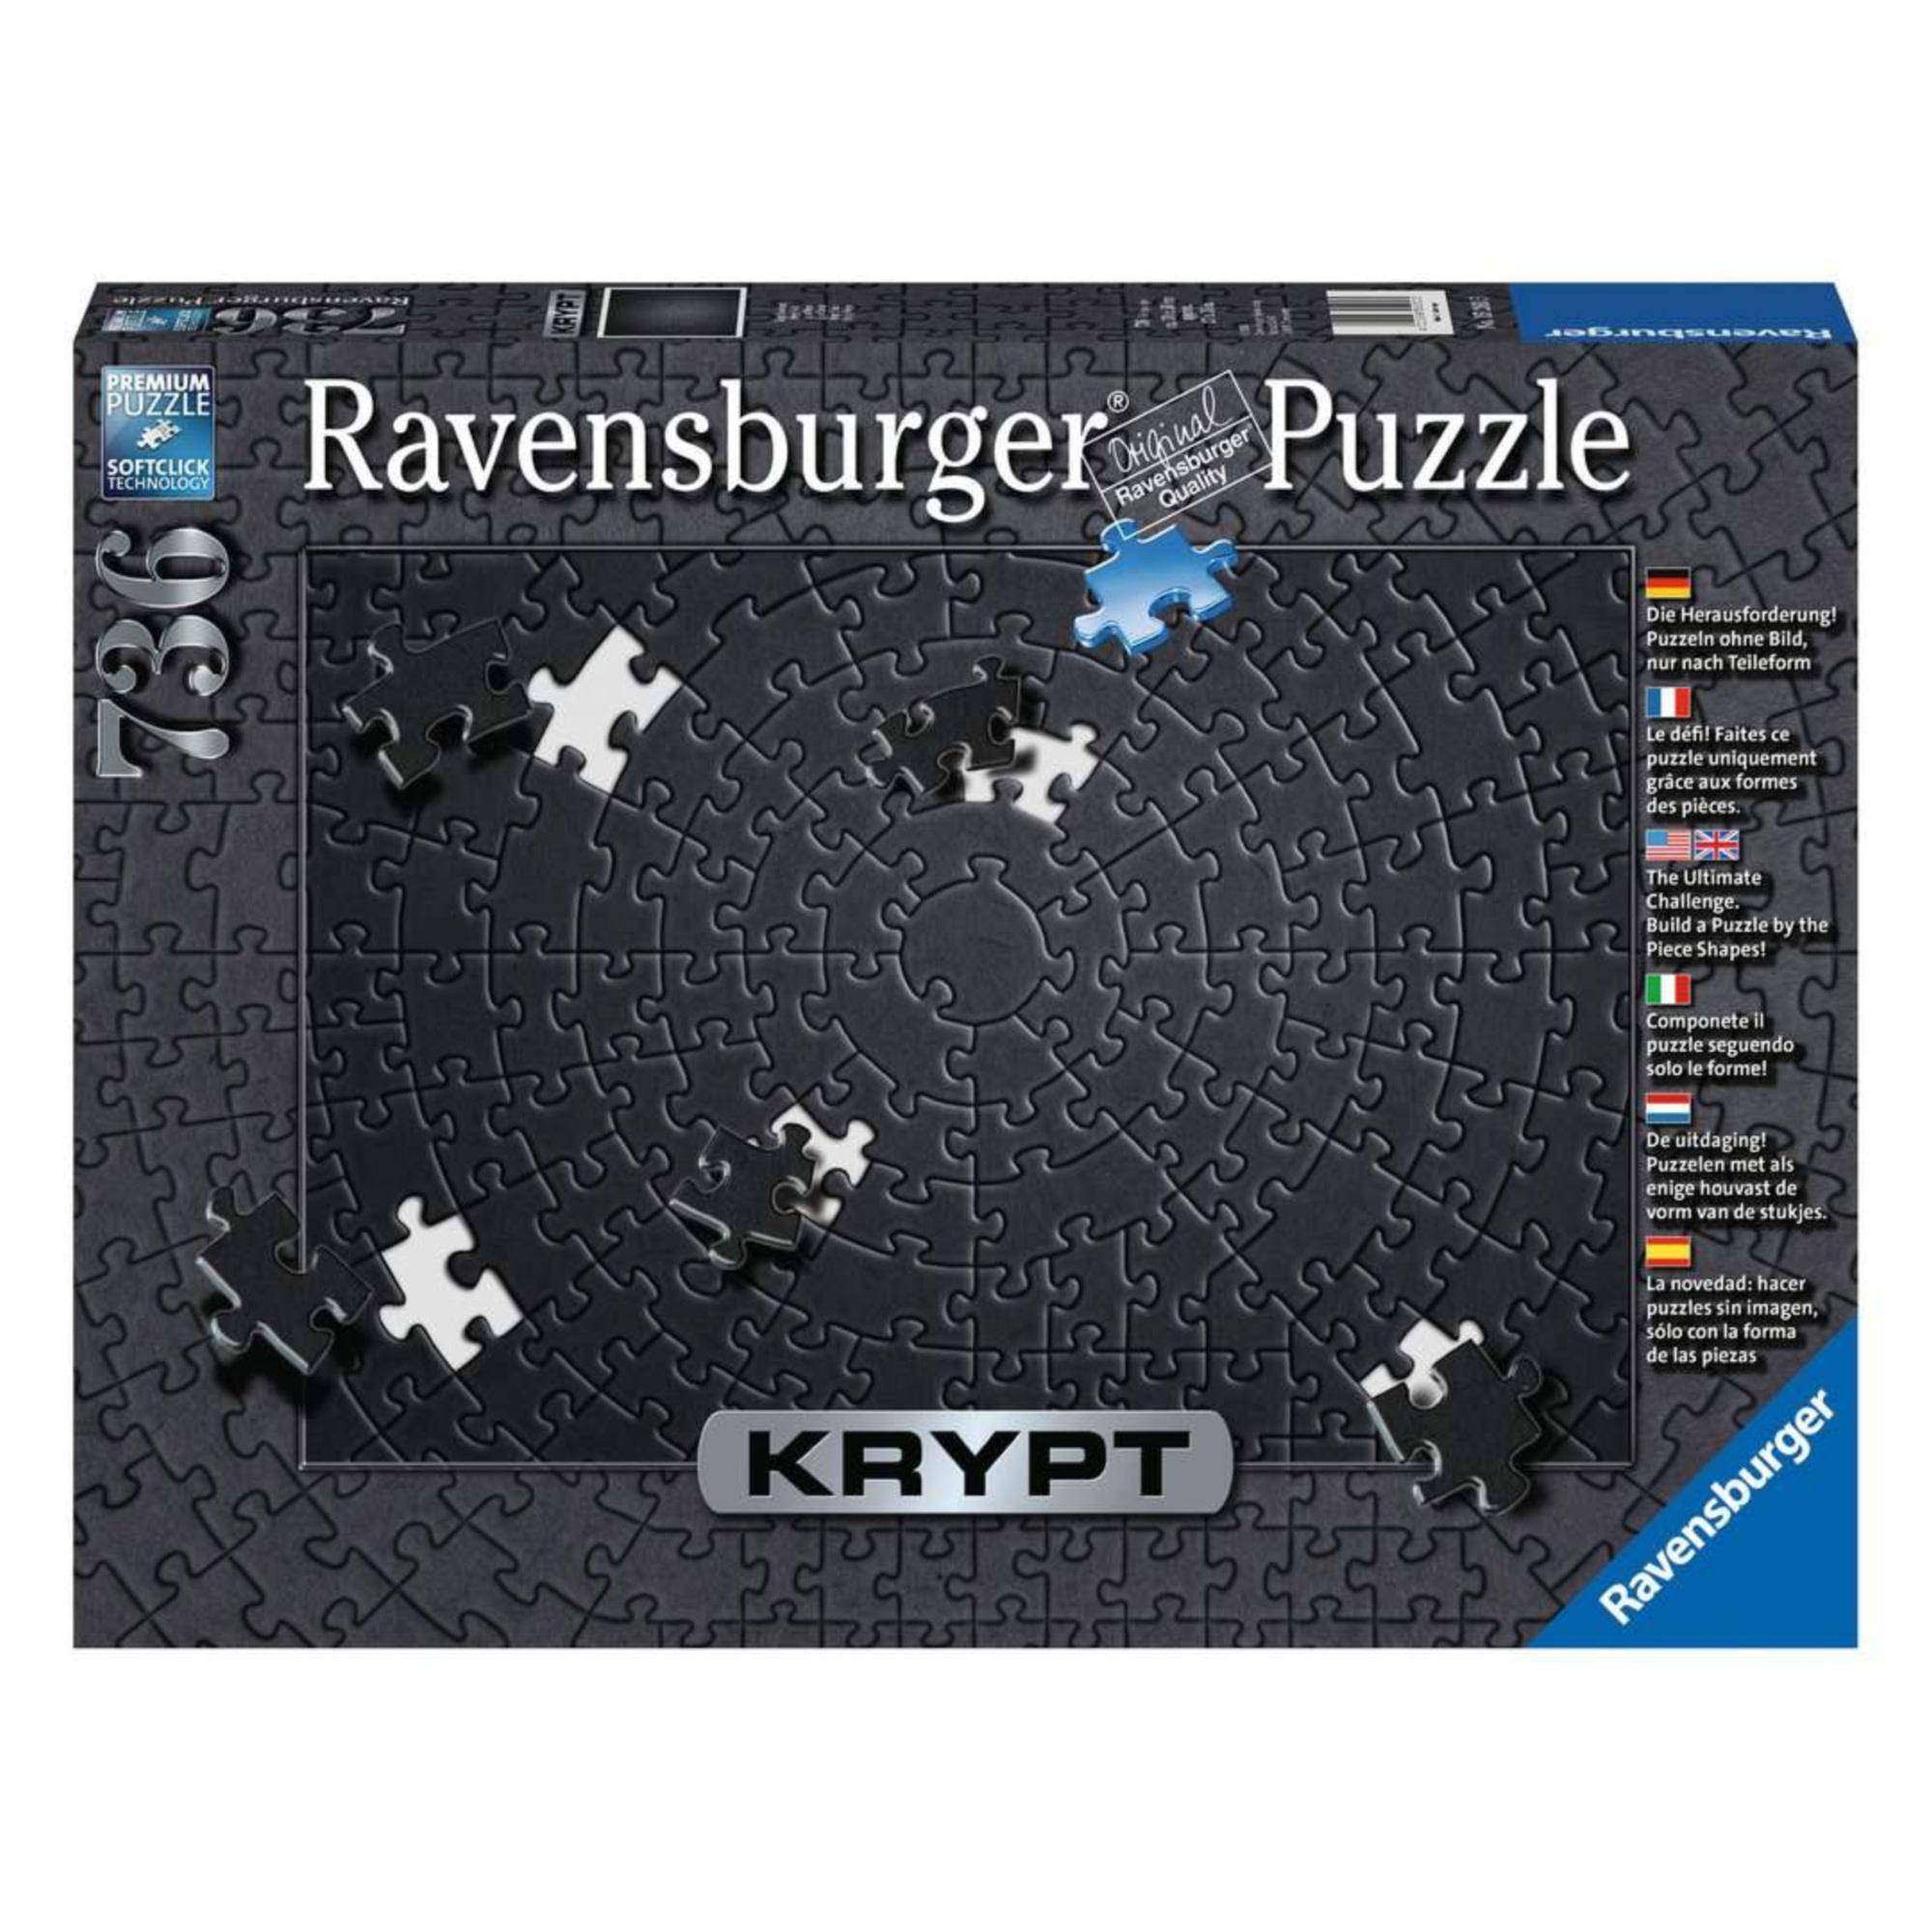 Ravensburger Puzzle 736 : Krypt Noir